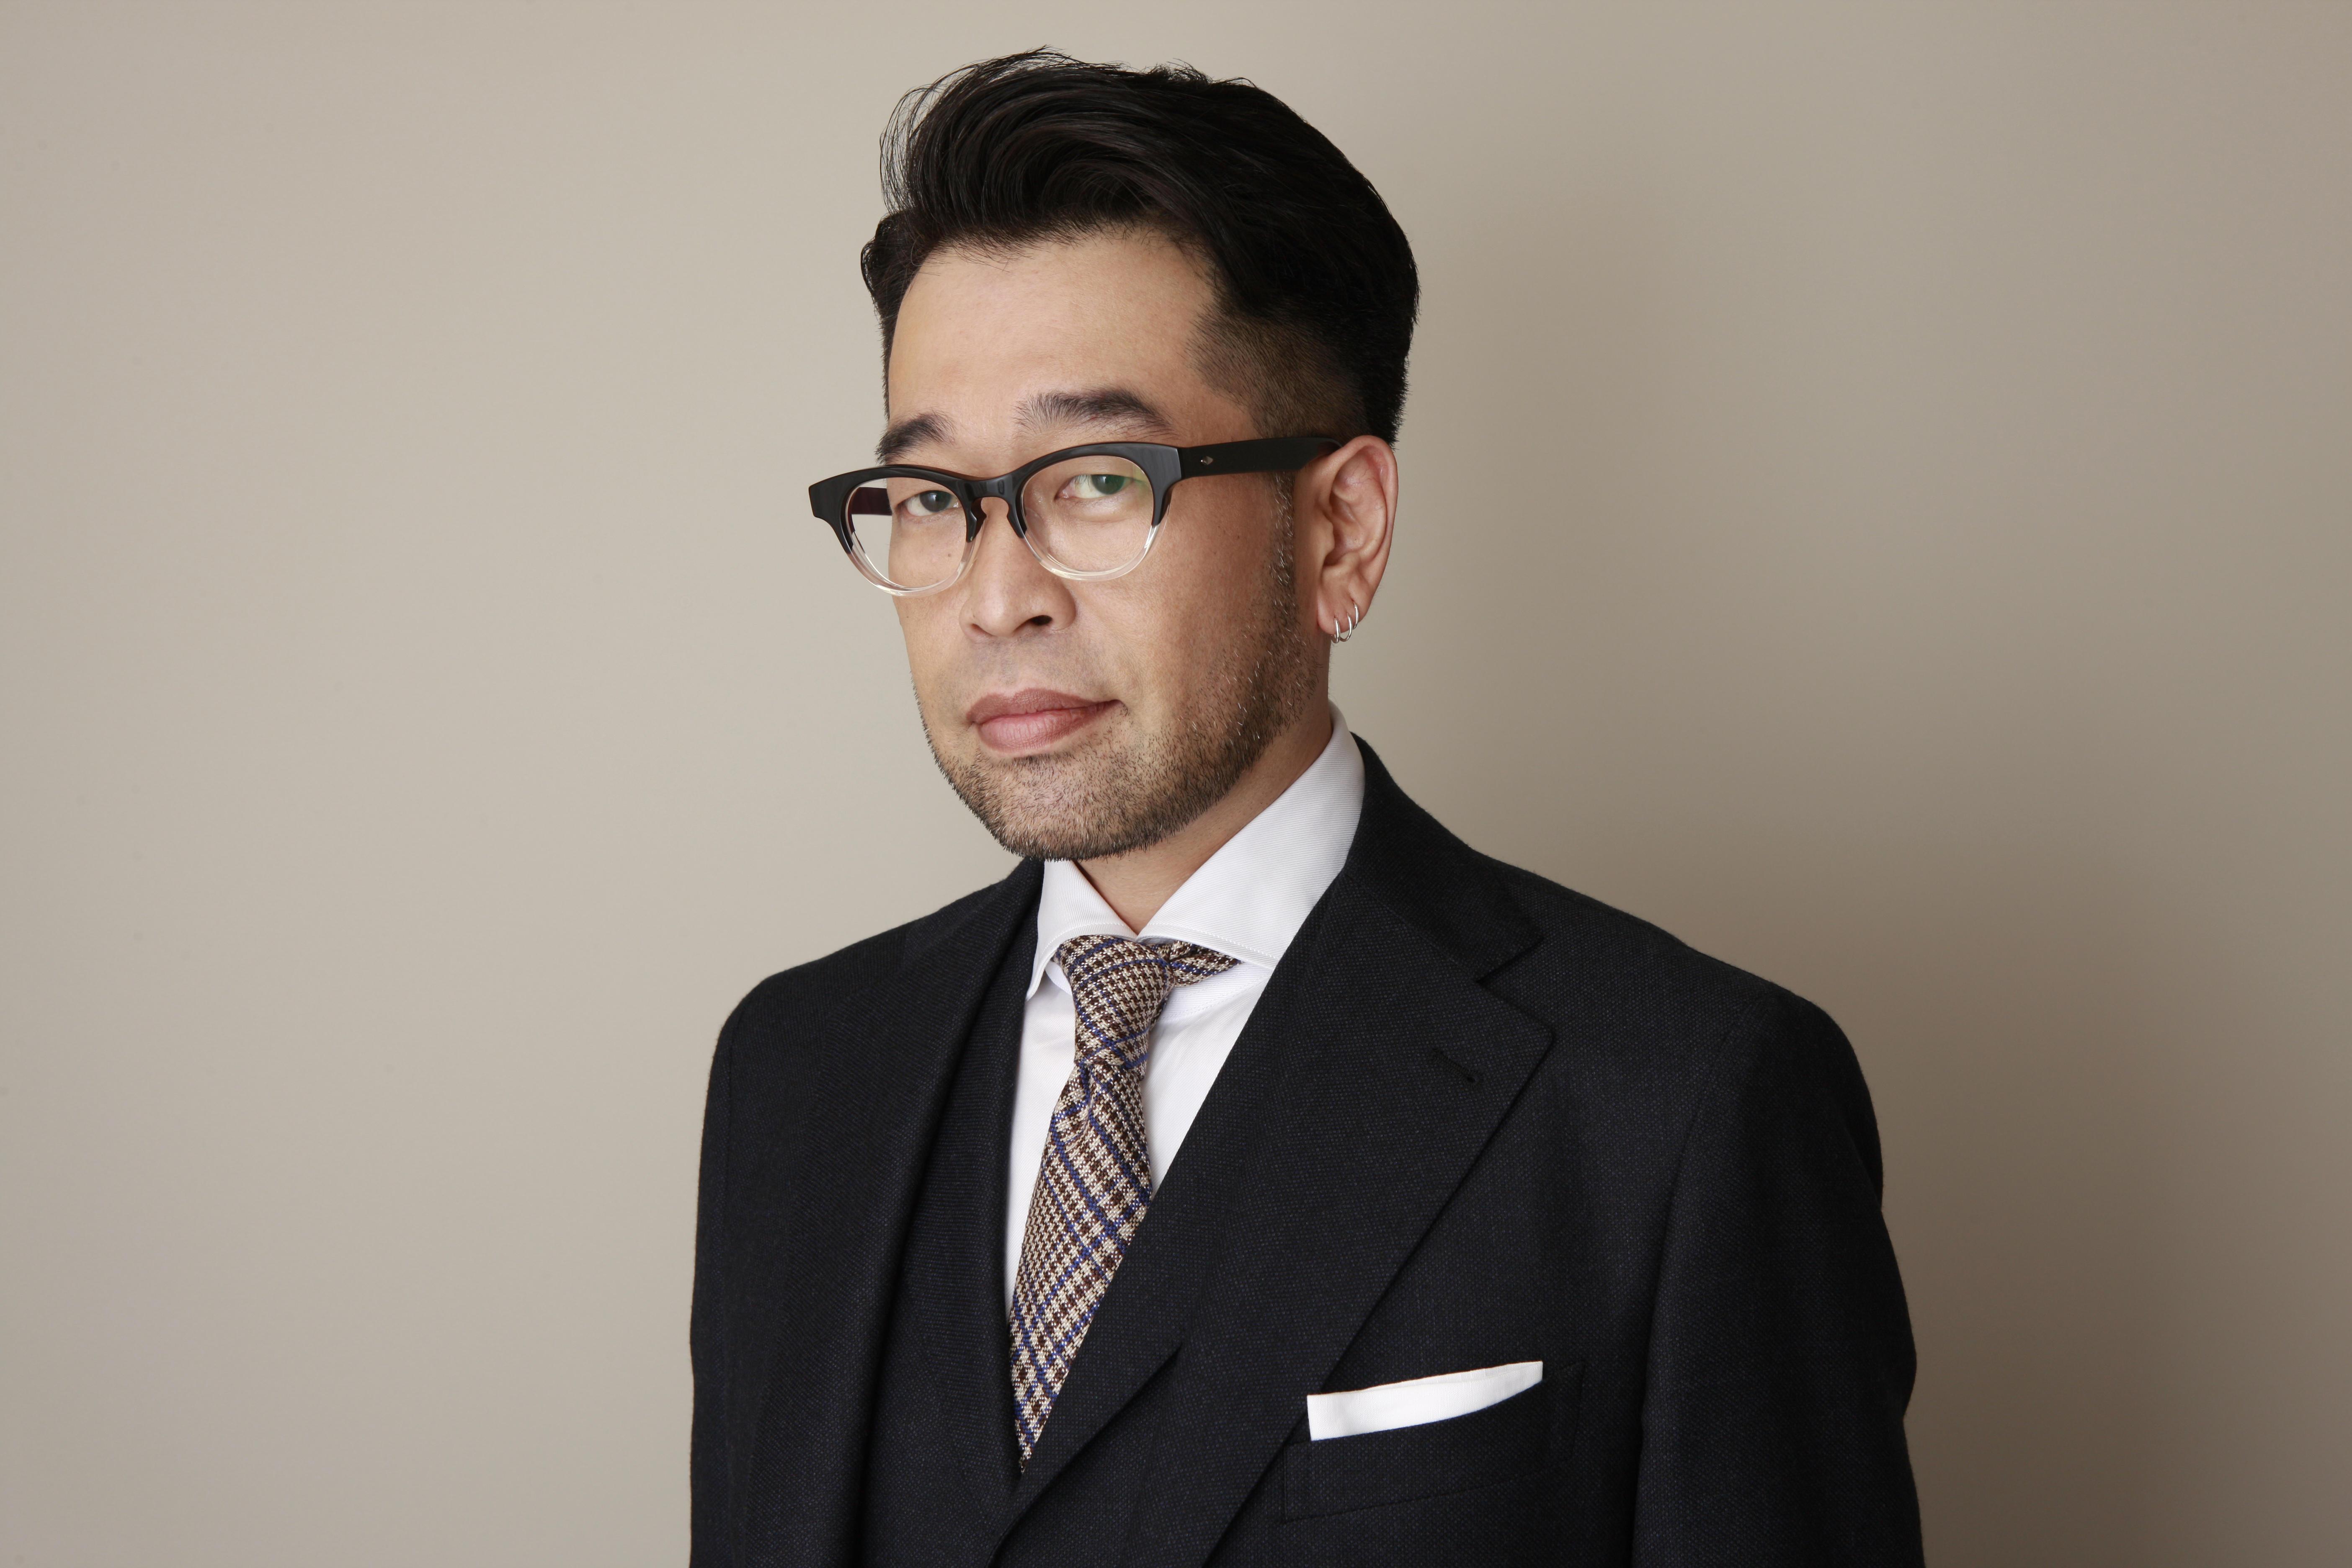 http://news.yoshimoto.co.jp/20170825172641-de6e481377997041d7a7feef7d5605a0d3e3d90f.jpg